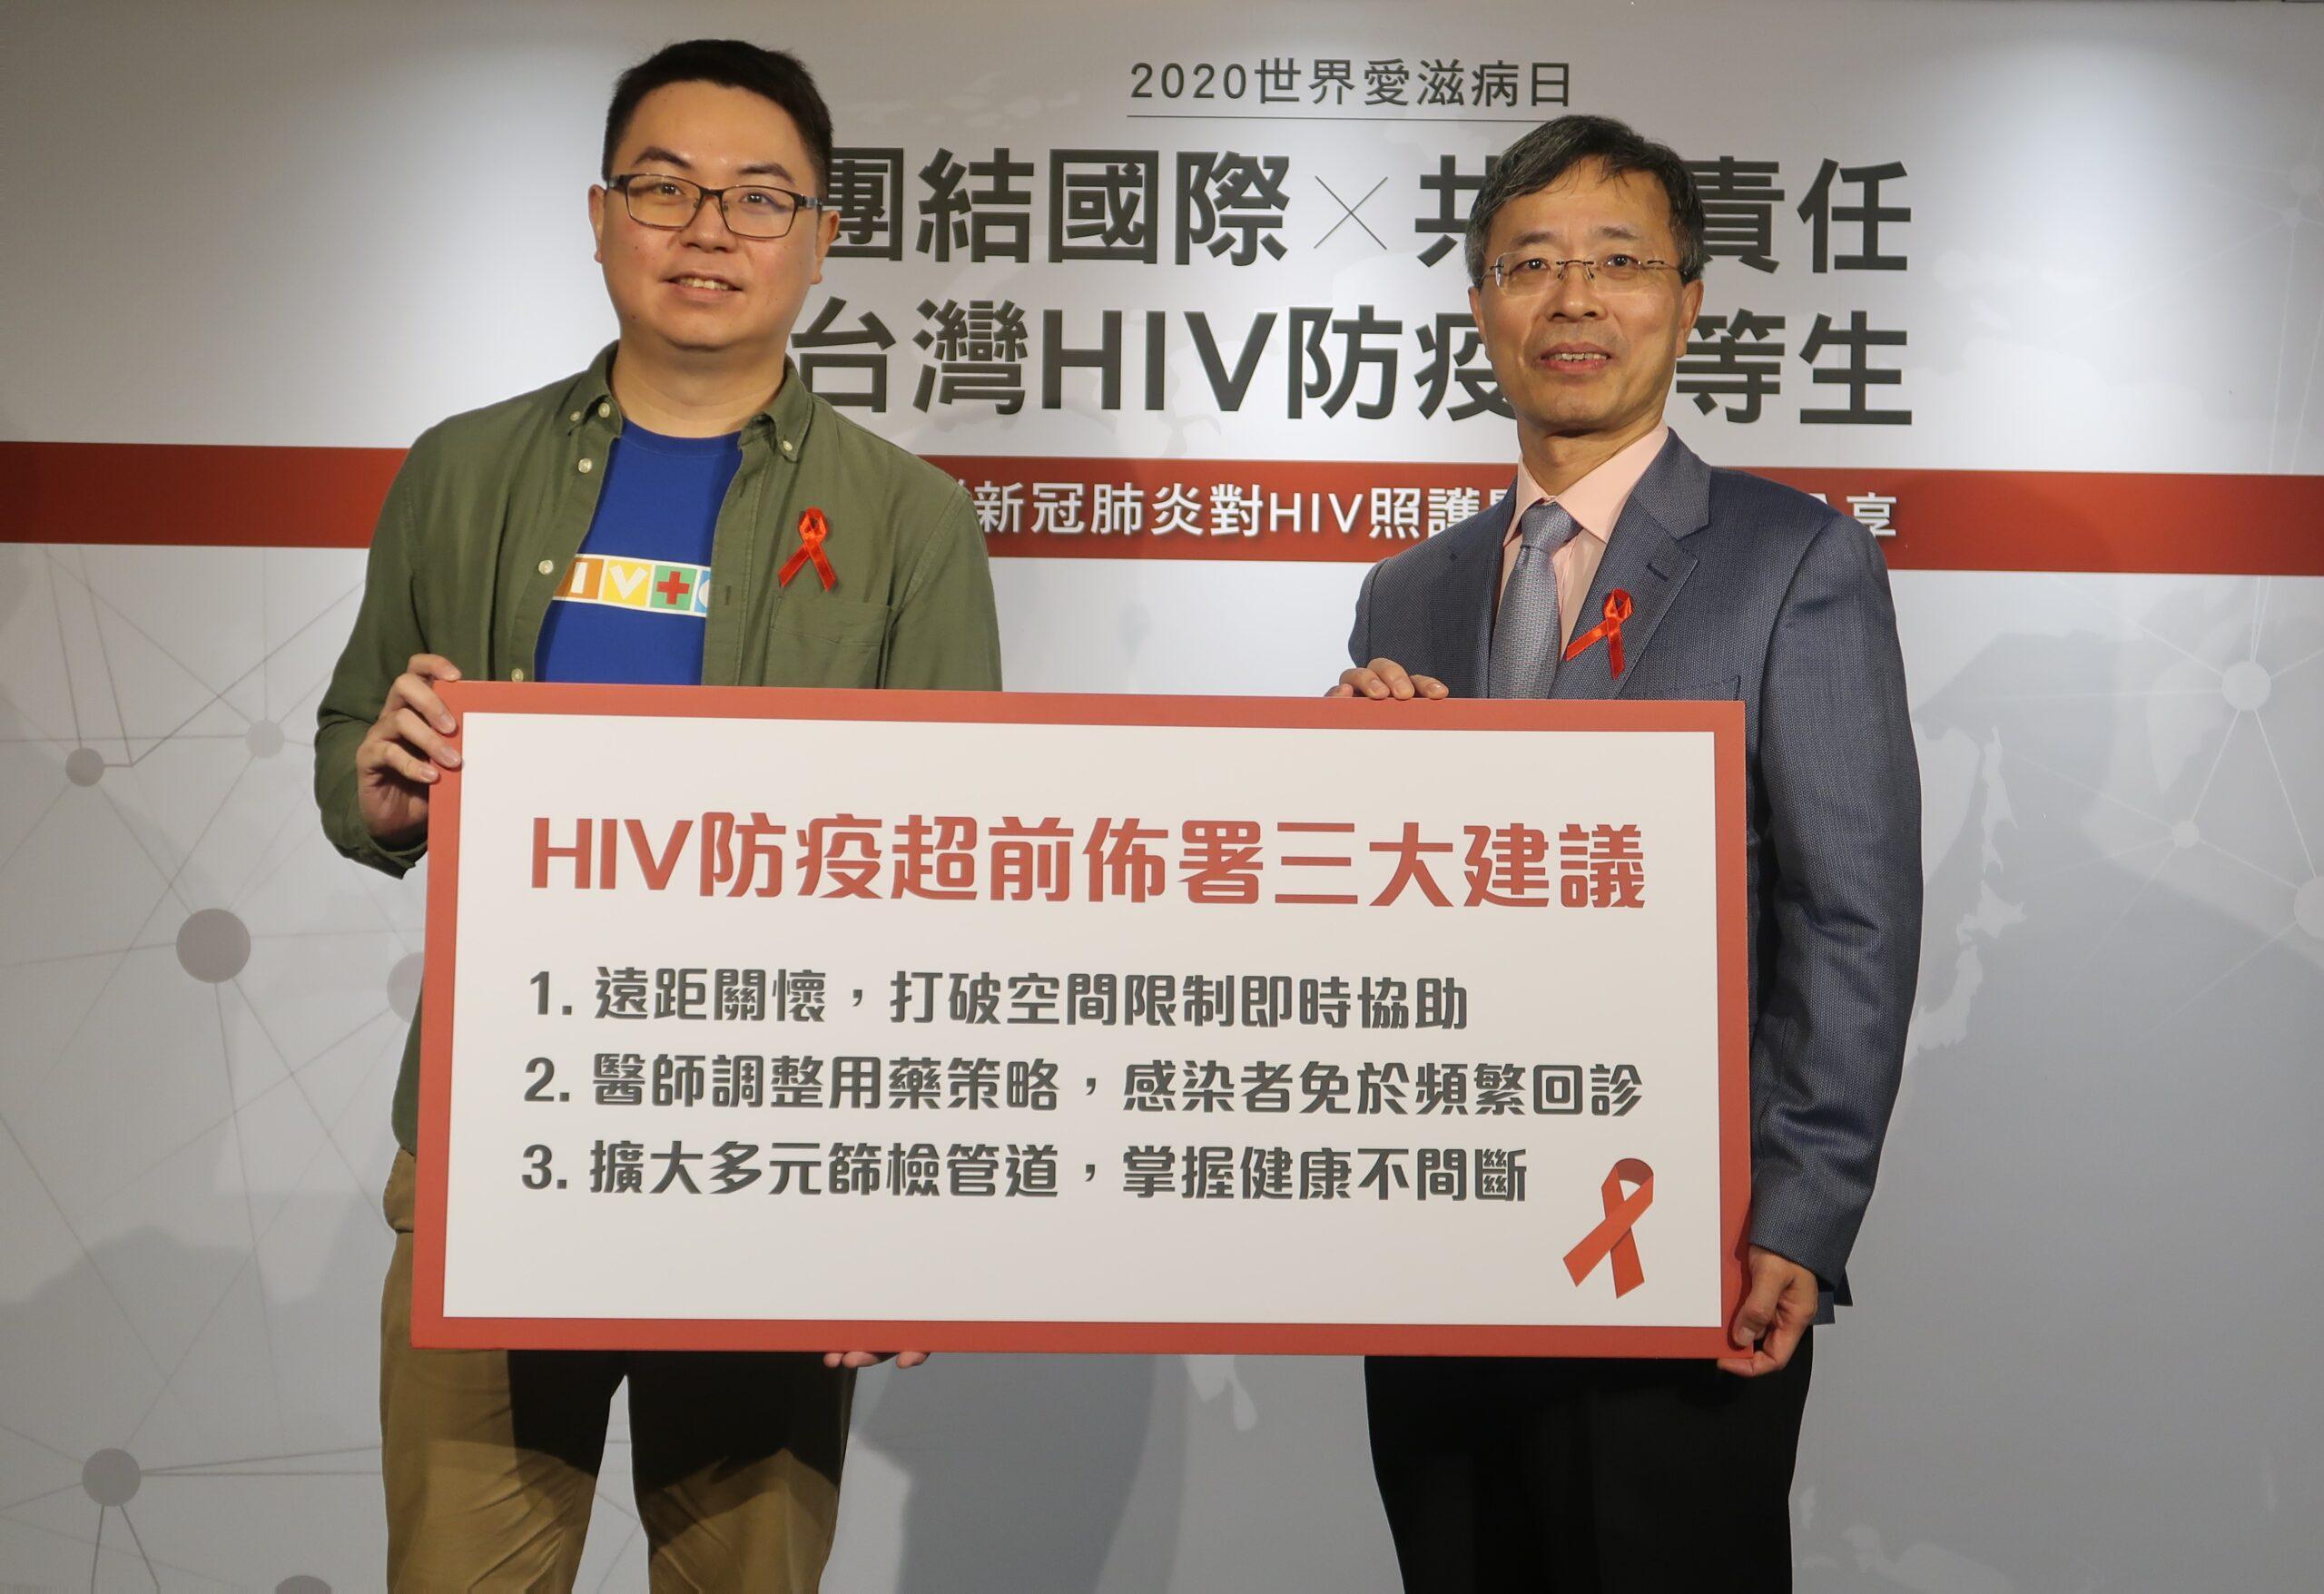 台灣HIV防治領先亞太 防疫超前佈署三大建議